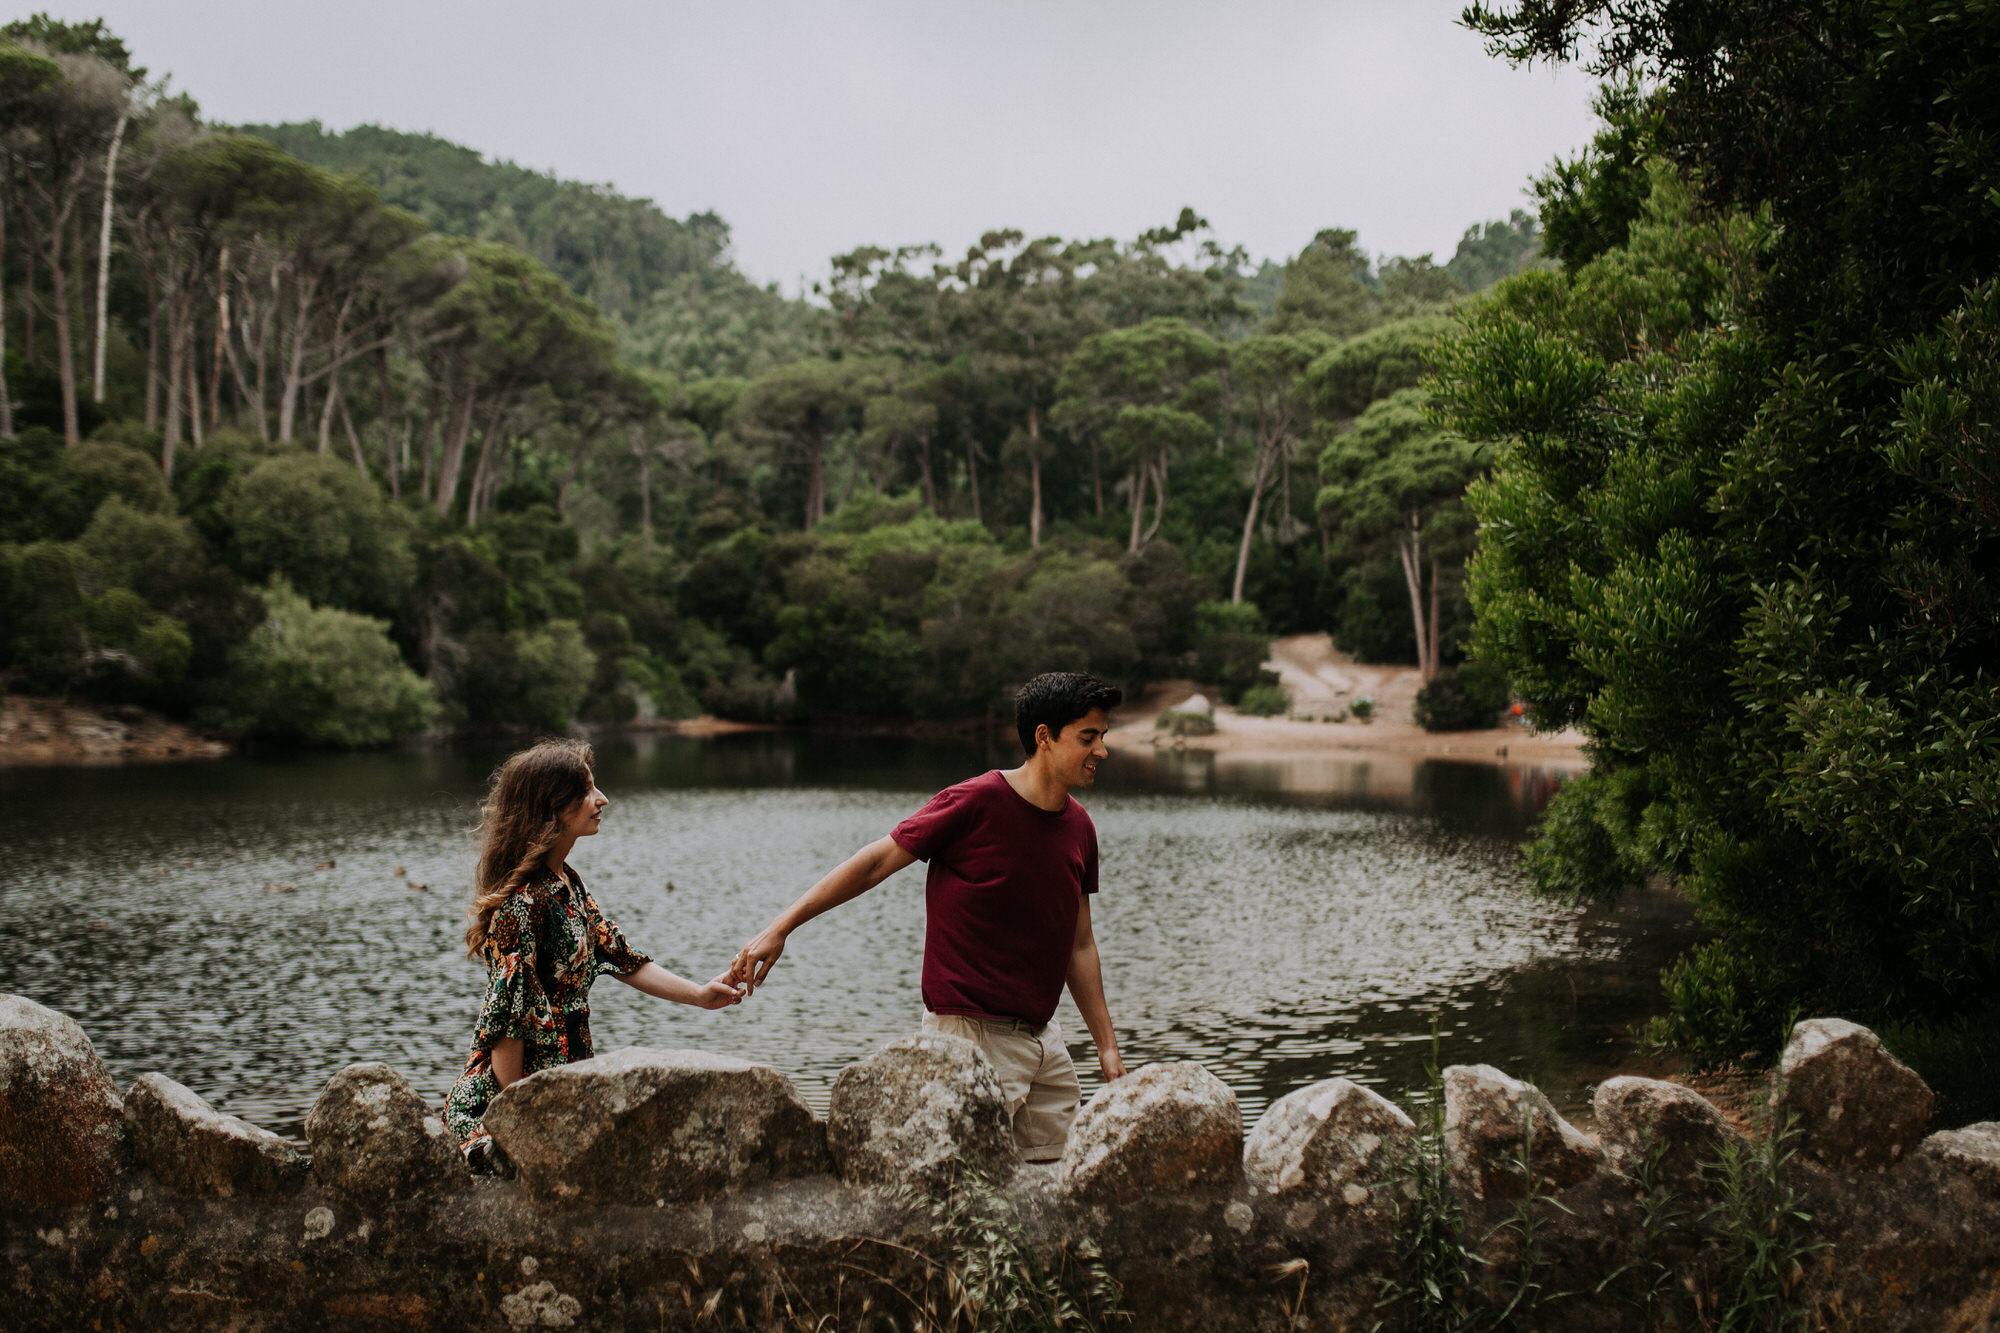 12 filipe_santiago_fotografia_sessão de casamento_love session_engagement_sintra_Santuario da Peninha_nevoeiro_fotografo_Lisboa_Weddin Photographer_Portugal_best_natural_near_couple_lagoa azul-